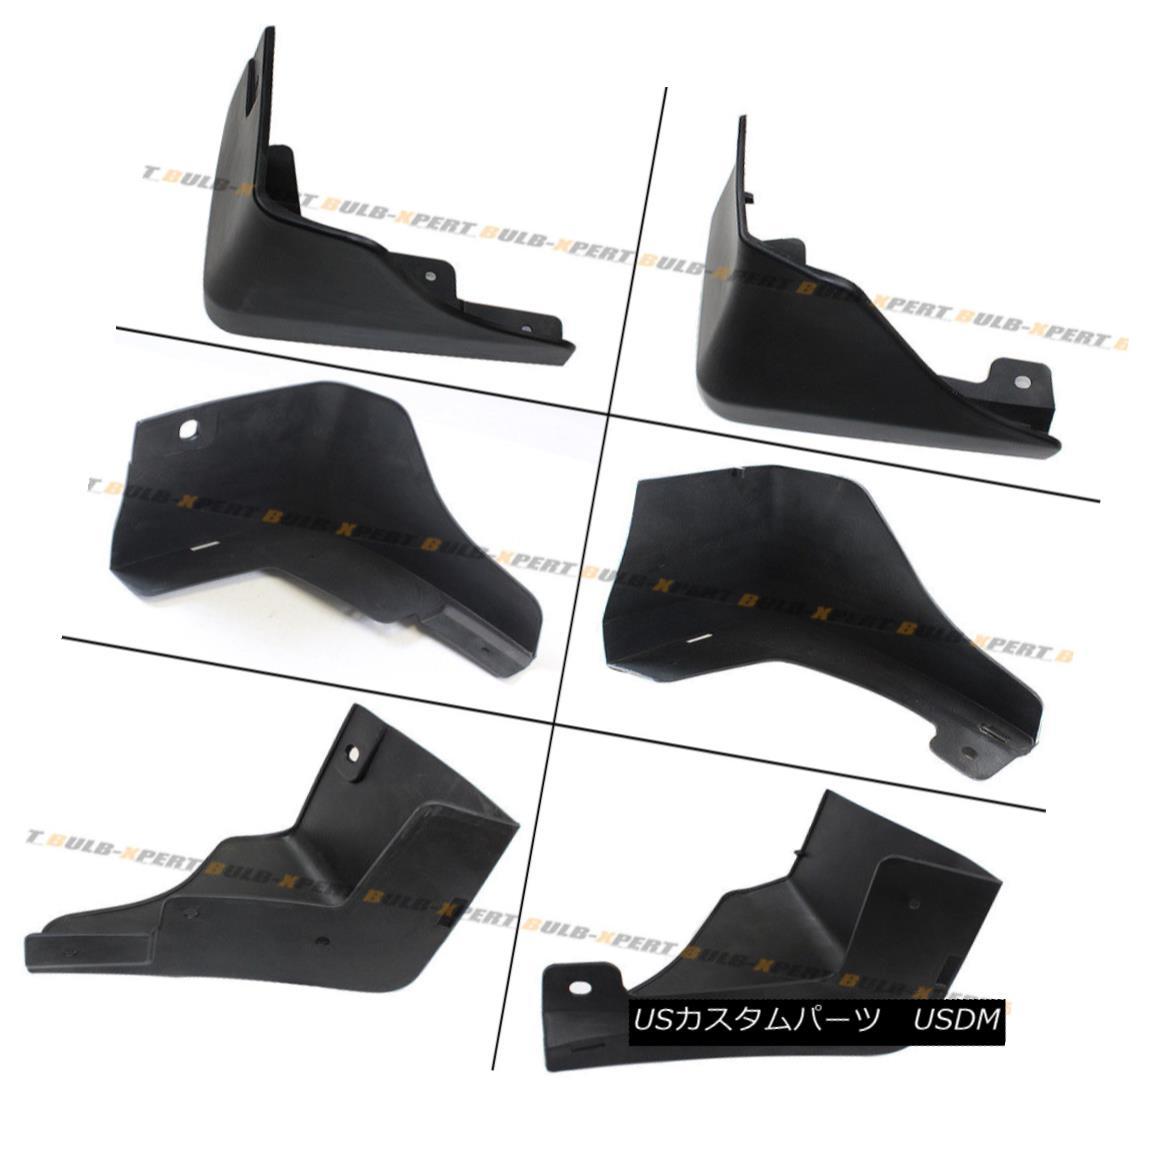 For 2008-14 Infiniti G35 G25 G37 Q40 Sedan Front /& Rear Splash Mud Flaps Guards